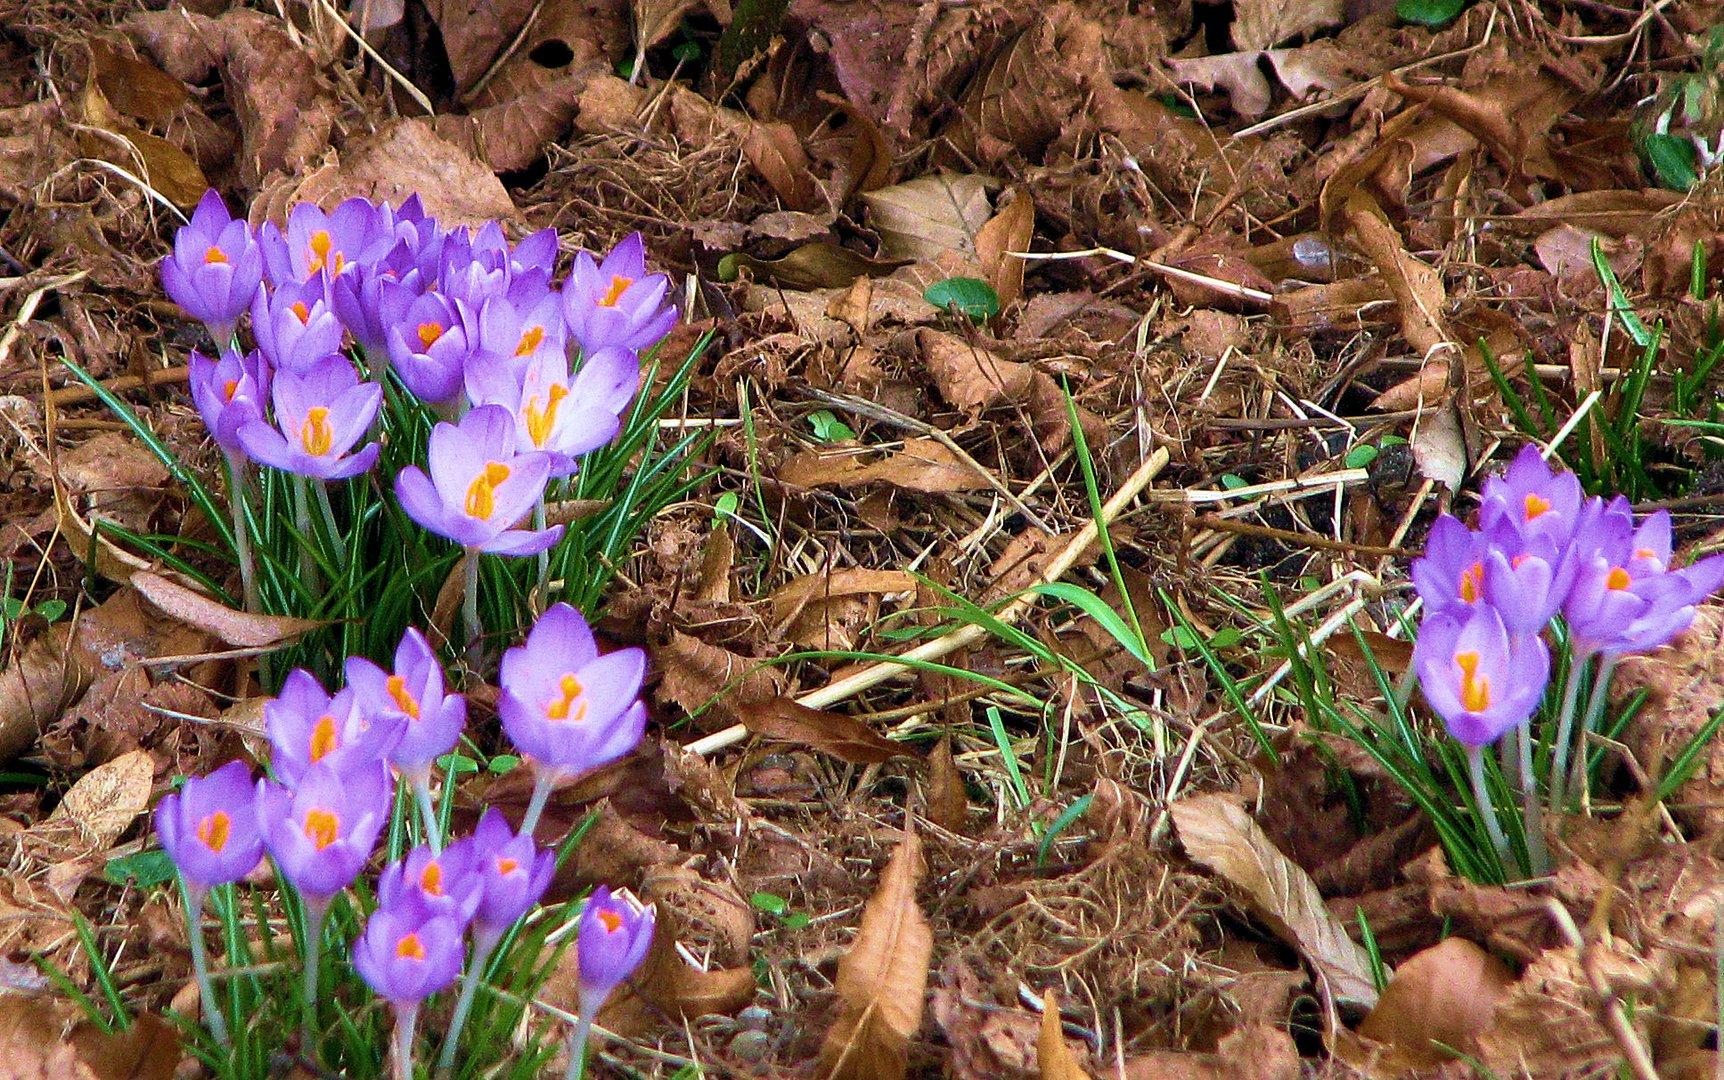 heute habe ich den Frühling gesehen